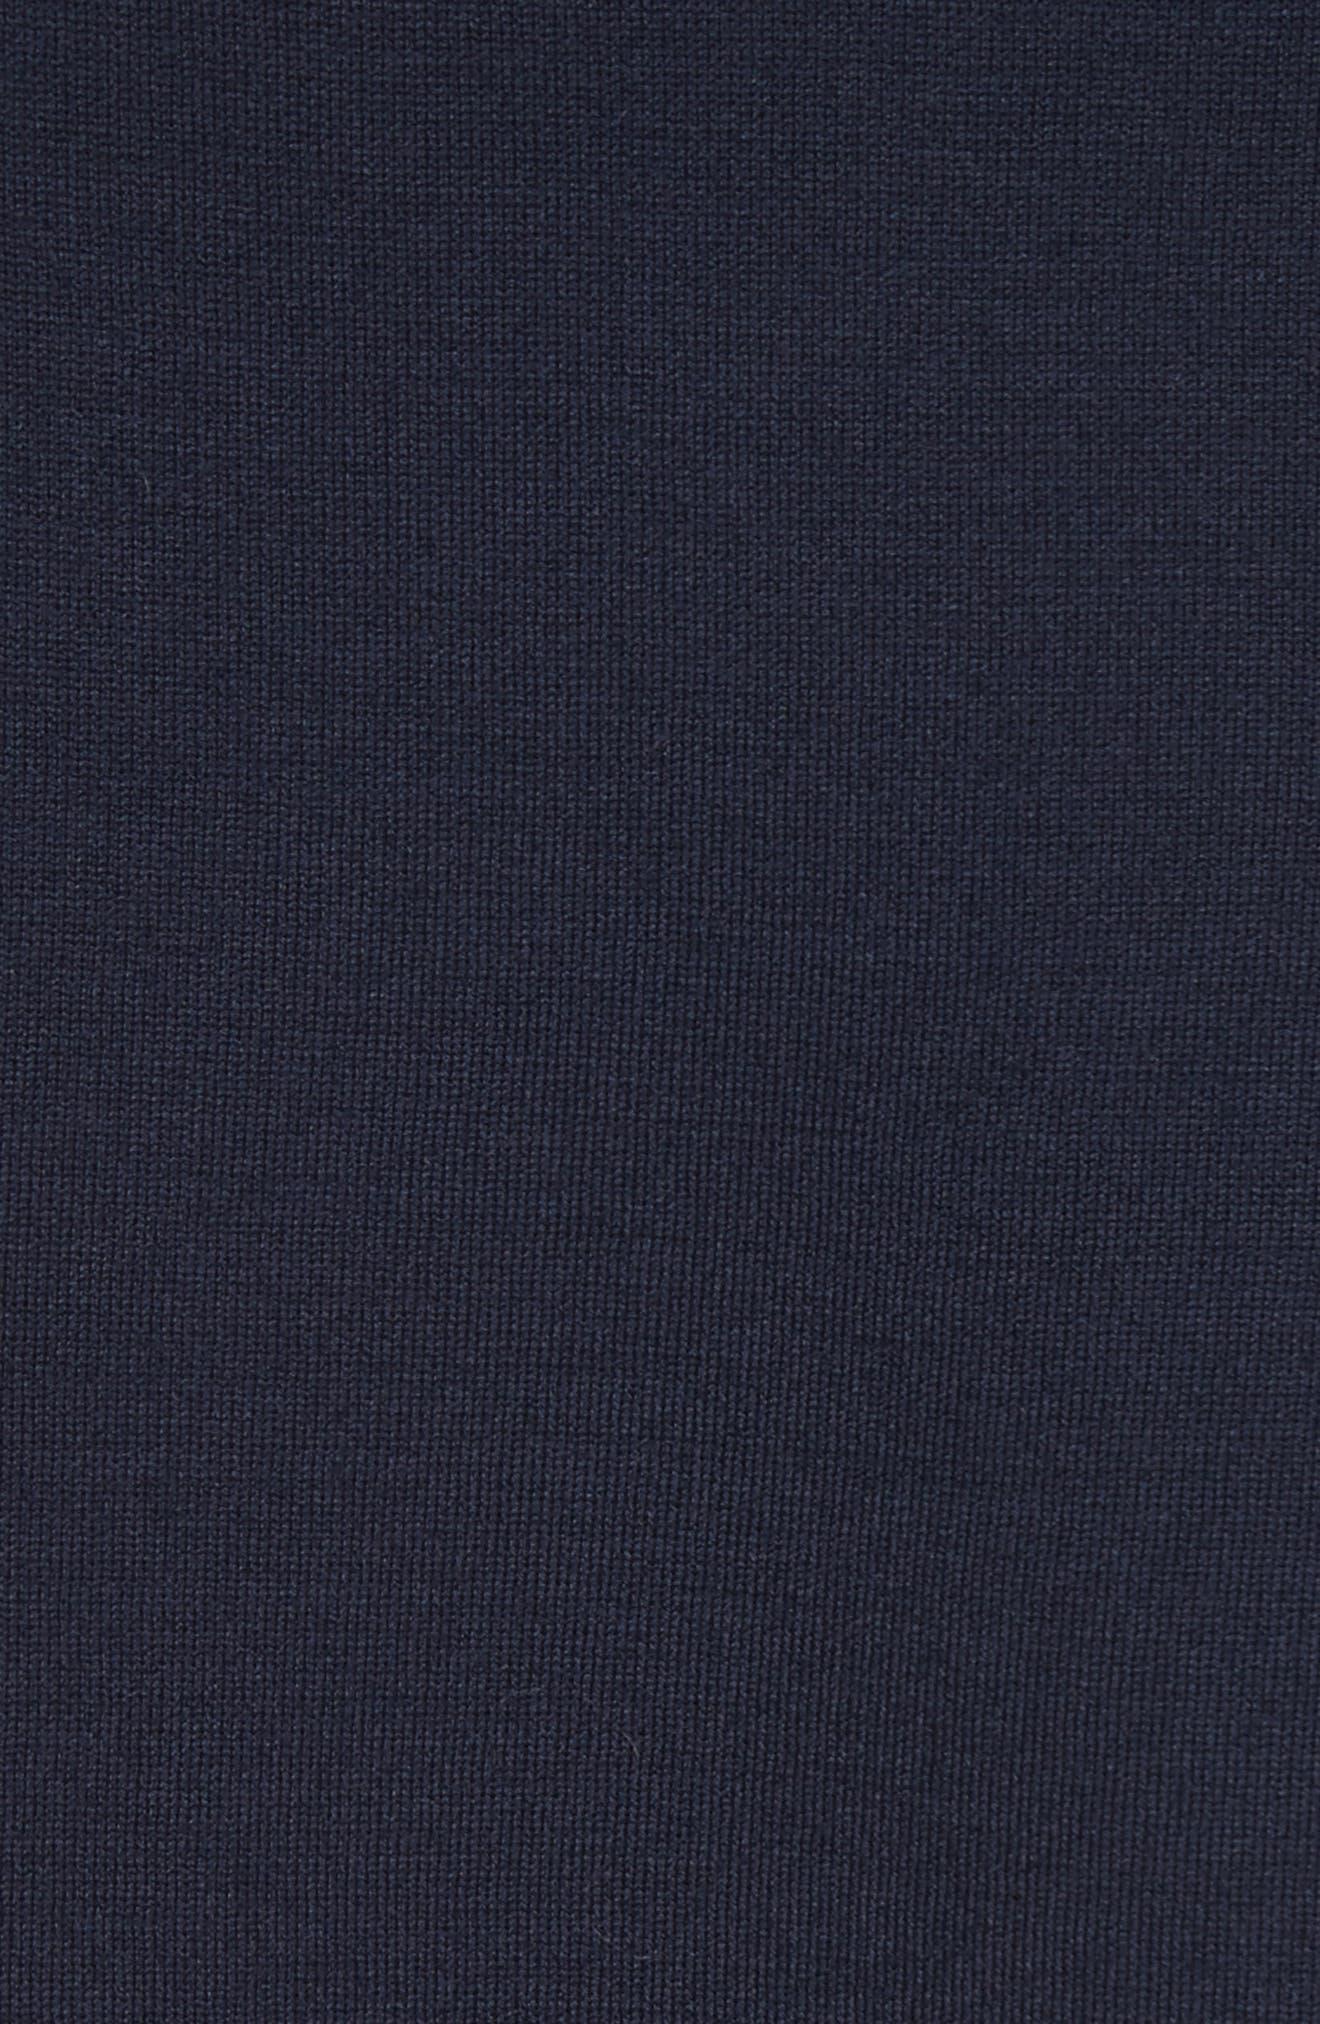 Ribbon Trim Milano Knit Cardigan,                             Alternate thumbnail 6, color,                             410